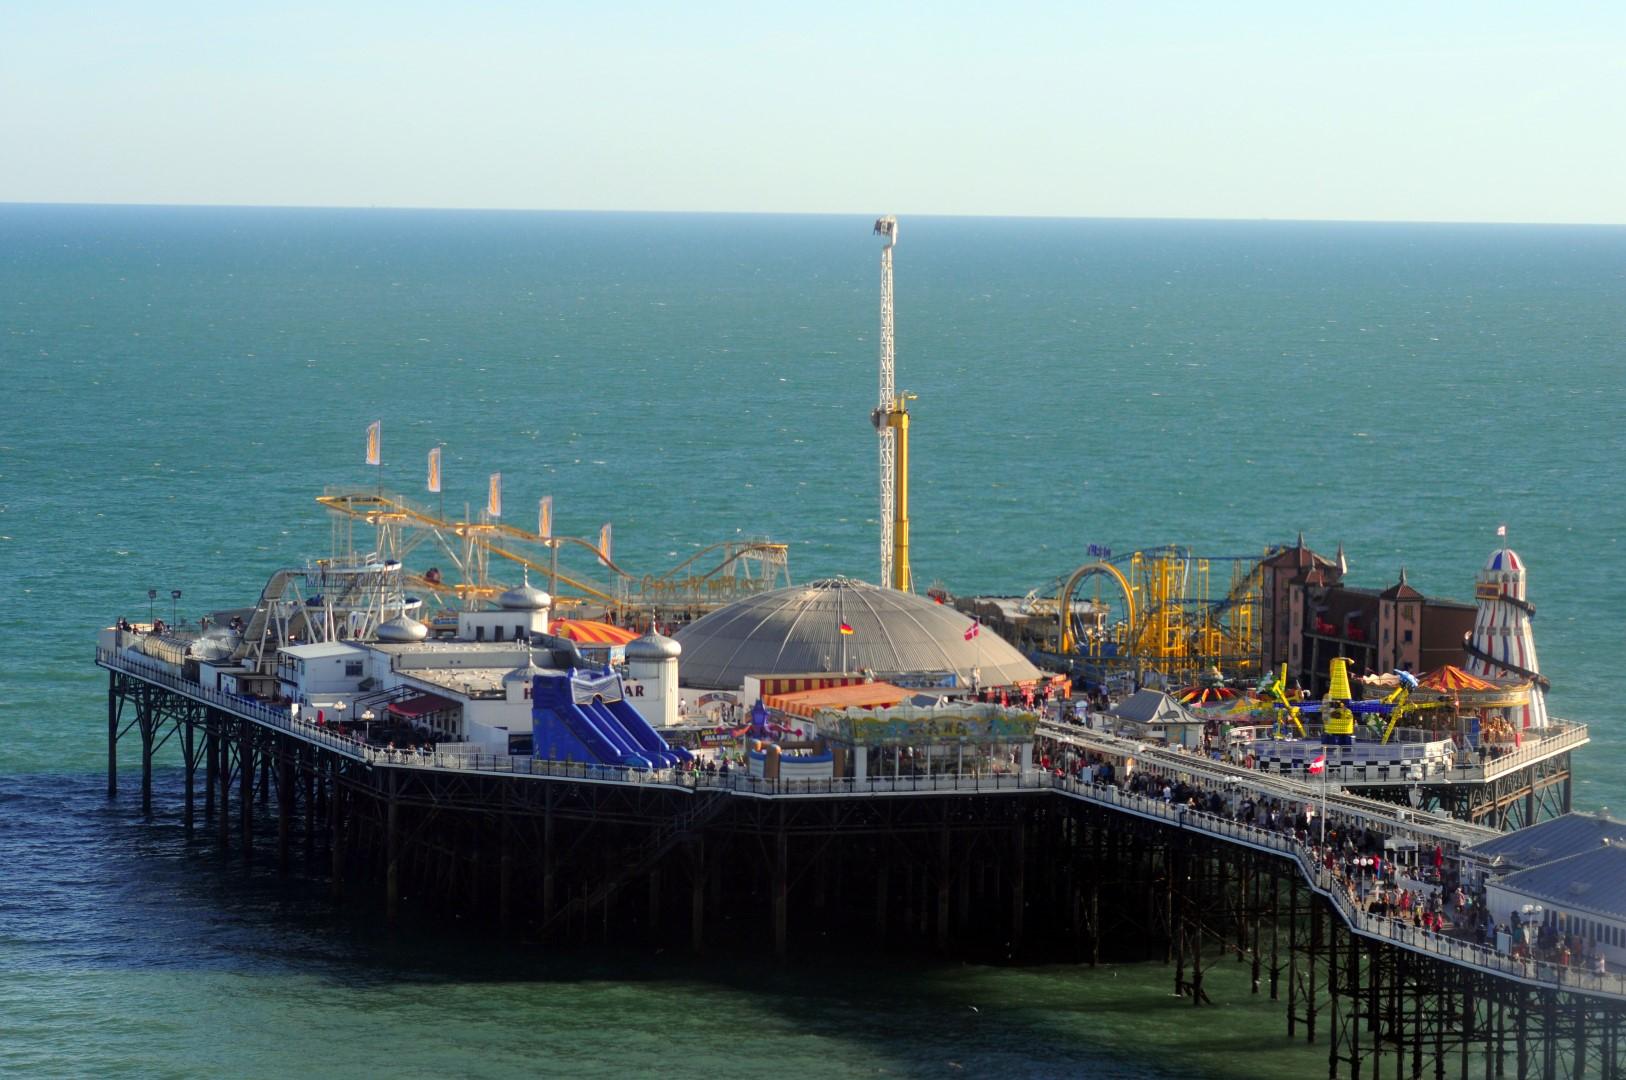 Brighton en Inglaterra brighton - 28867408396 1a8786912b o - Brighton, la playa de Londres